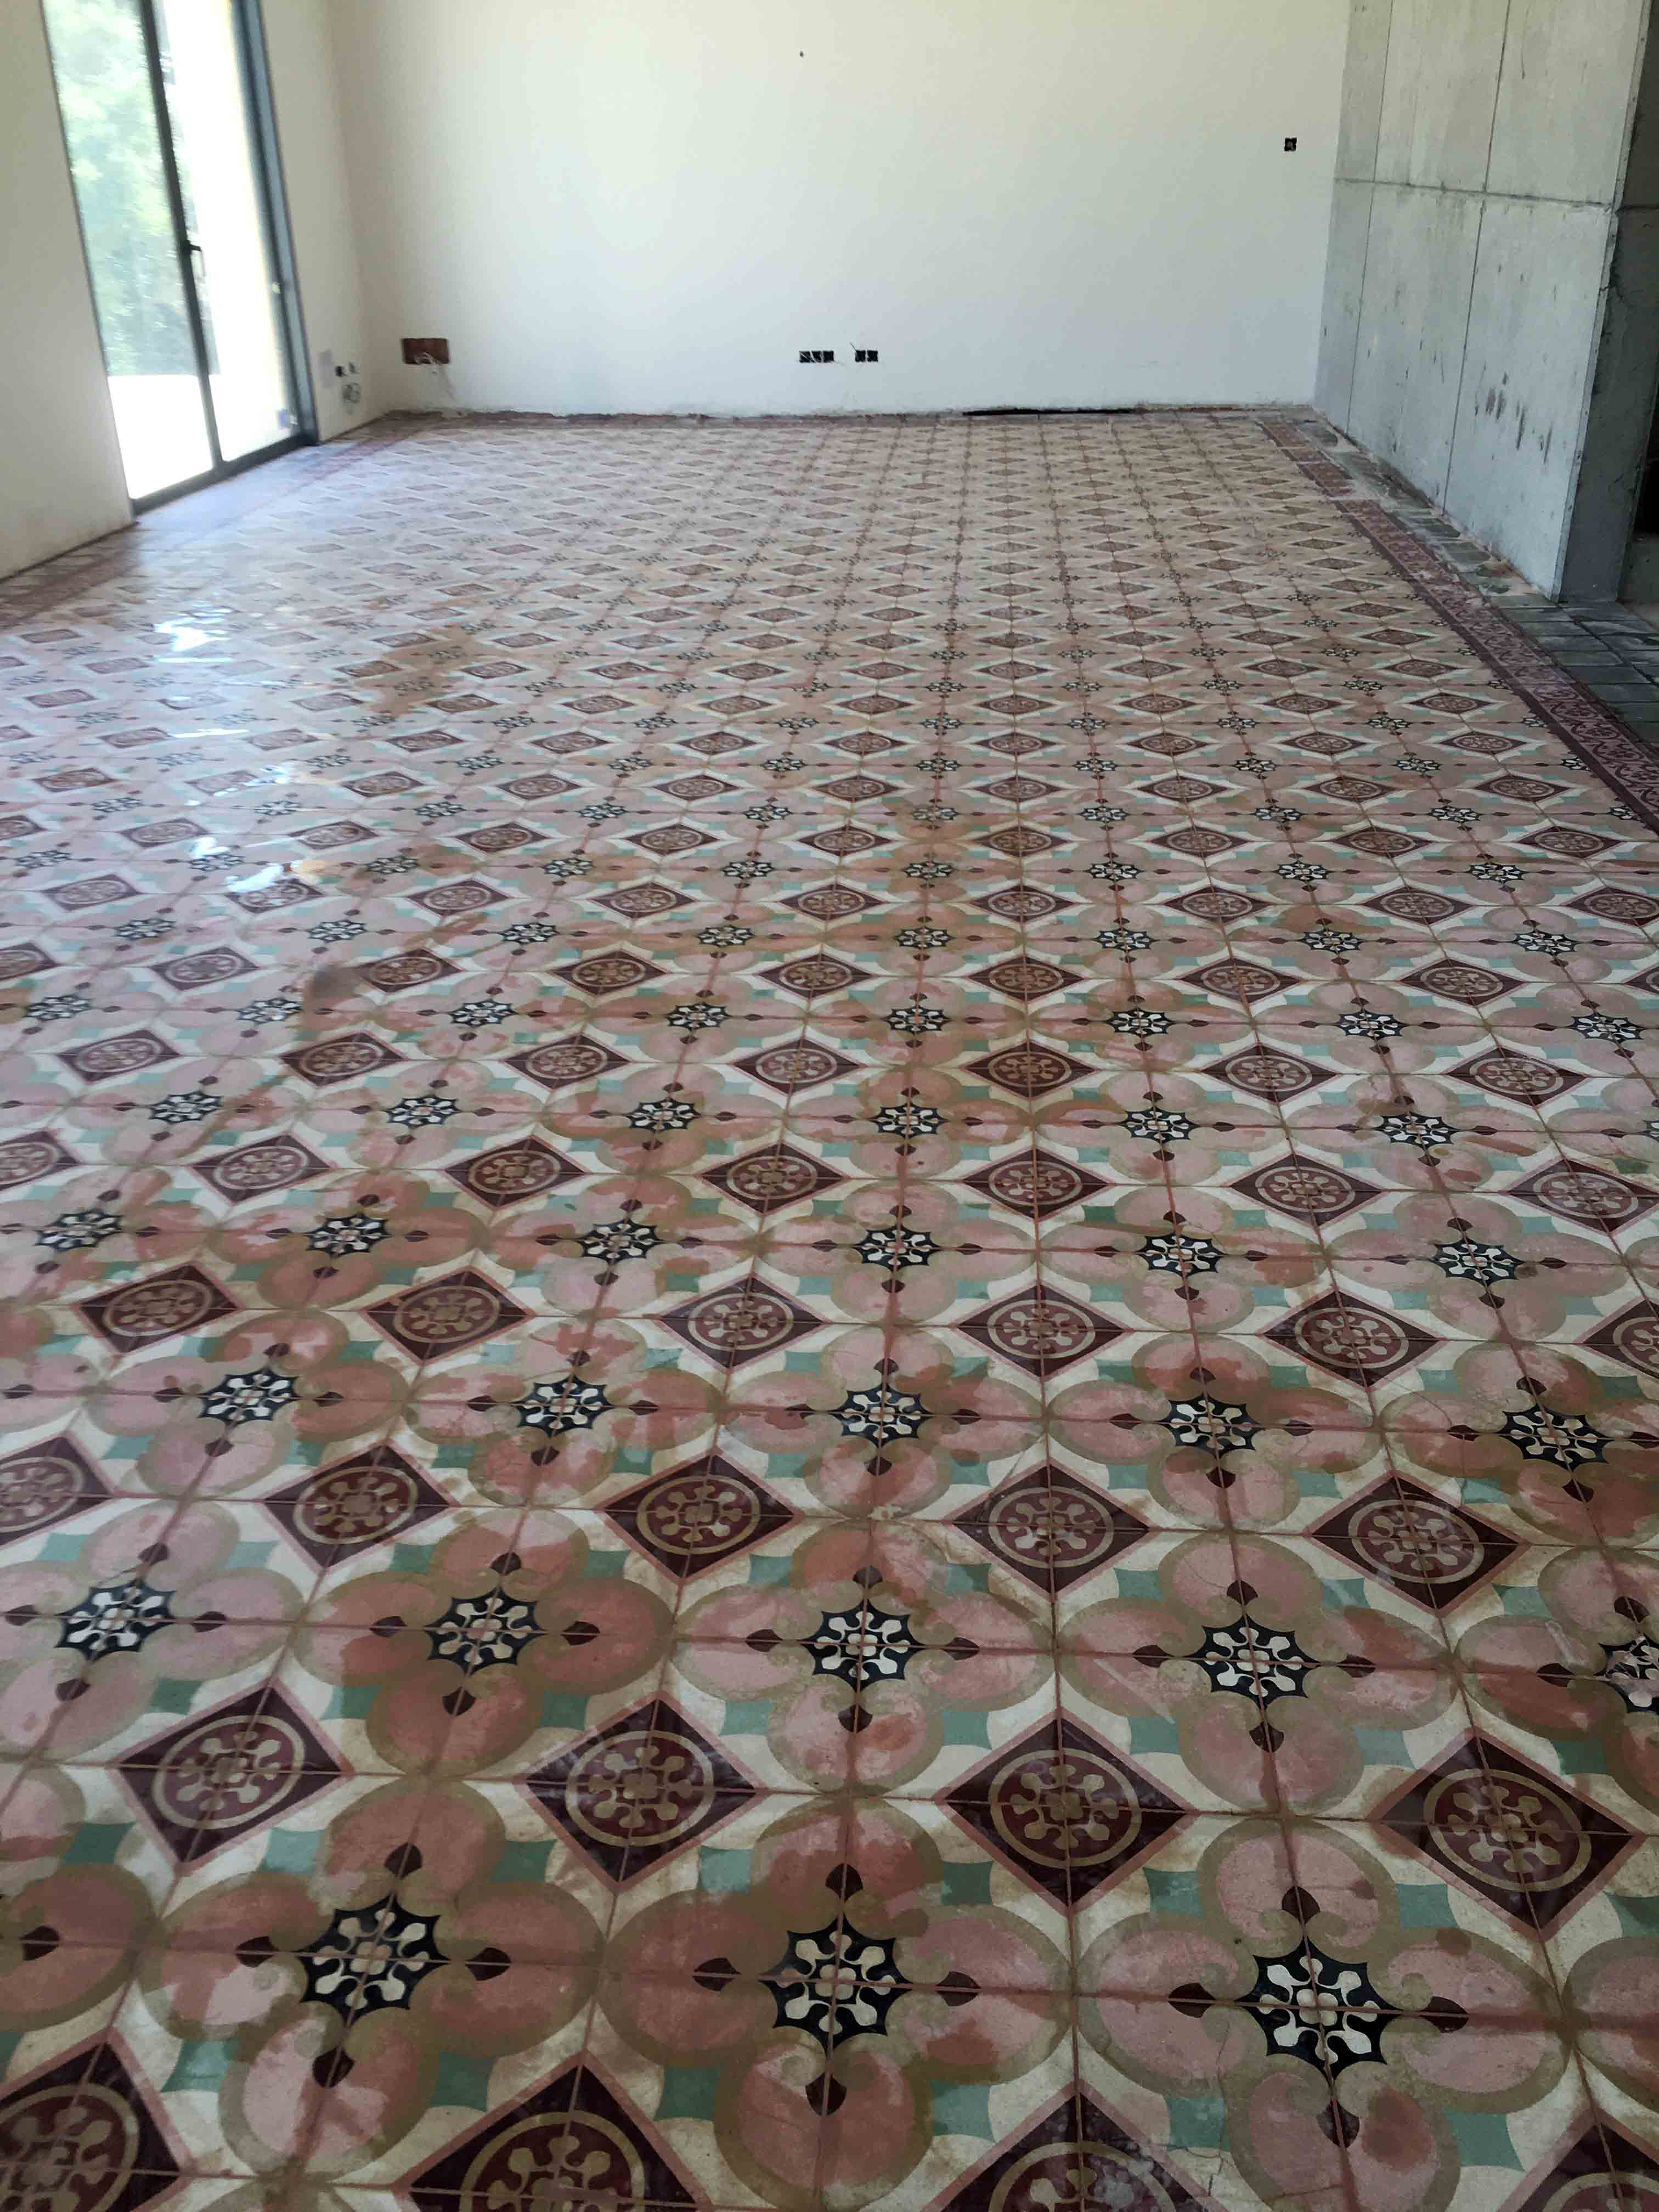 MosaicosBarcelona-Recuperacción-abrillantado-y-acristalado-de-suelos-de-mosaico-hidraulico-en-vivienda-en-Mallorca-Baleares-13